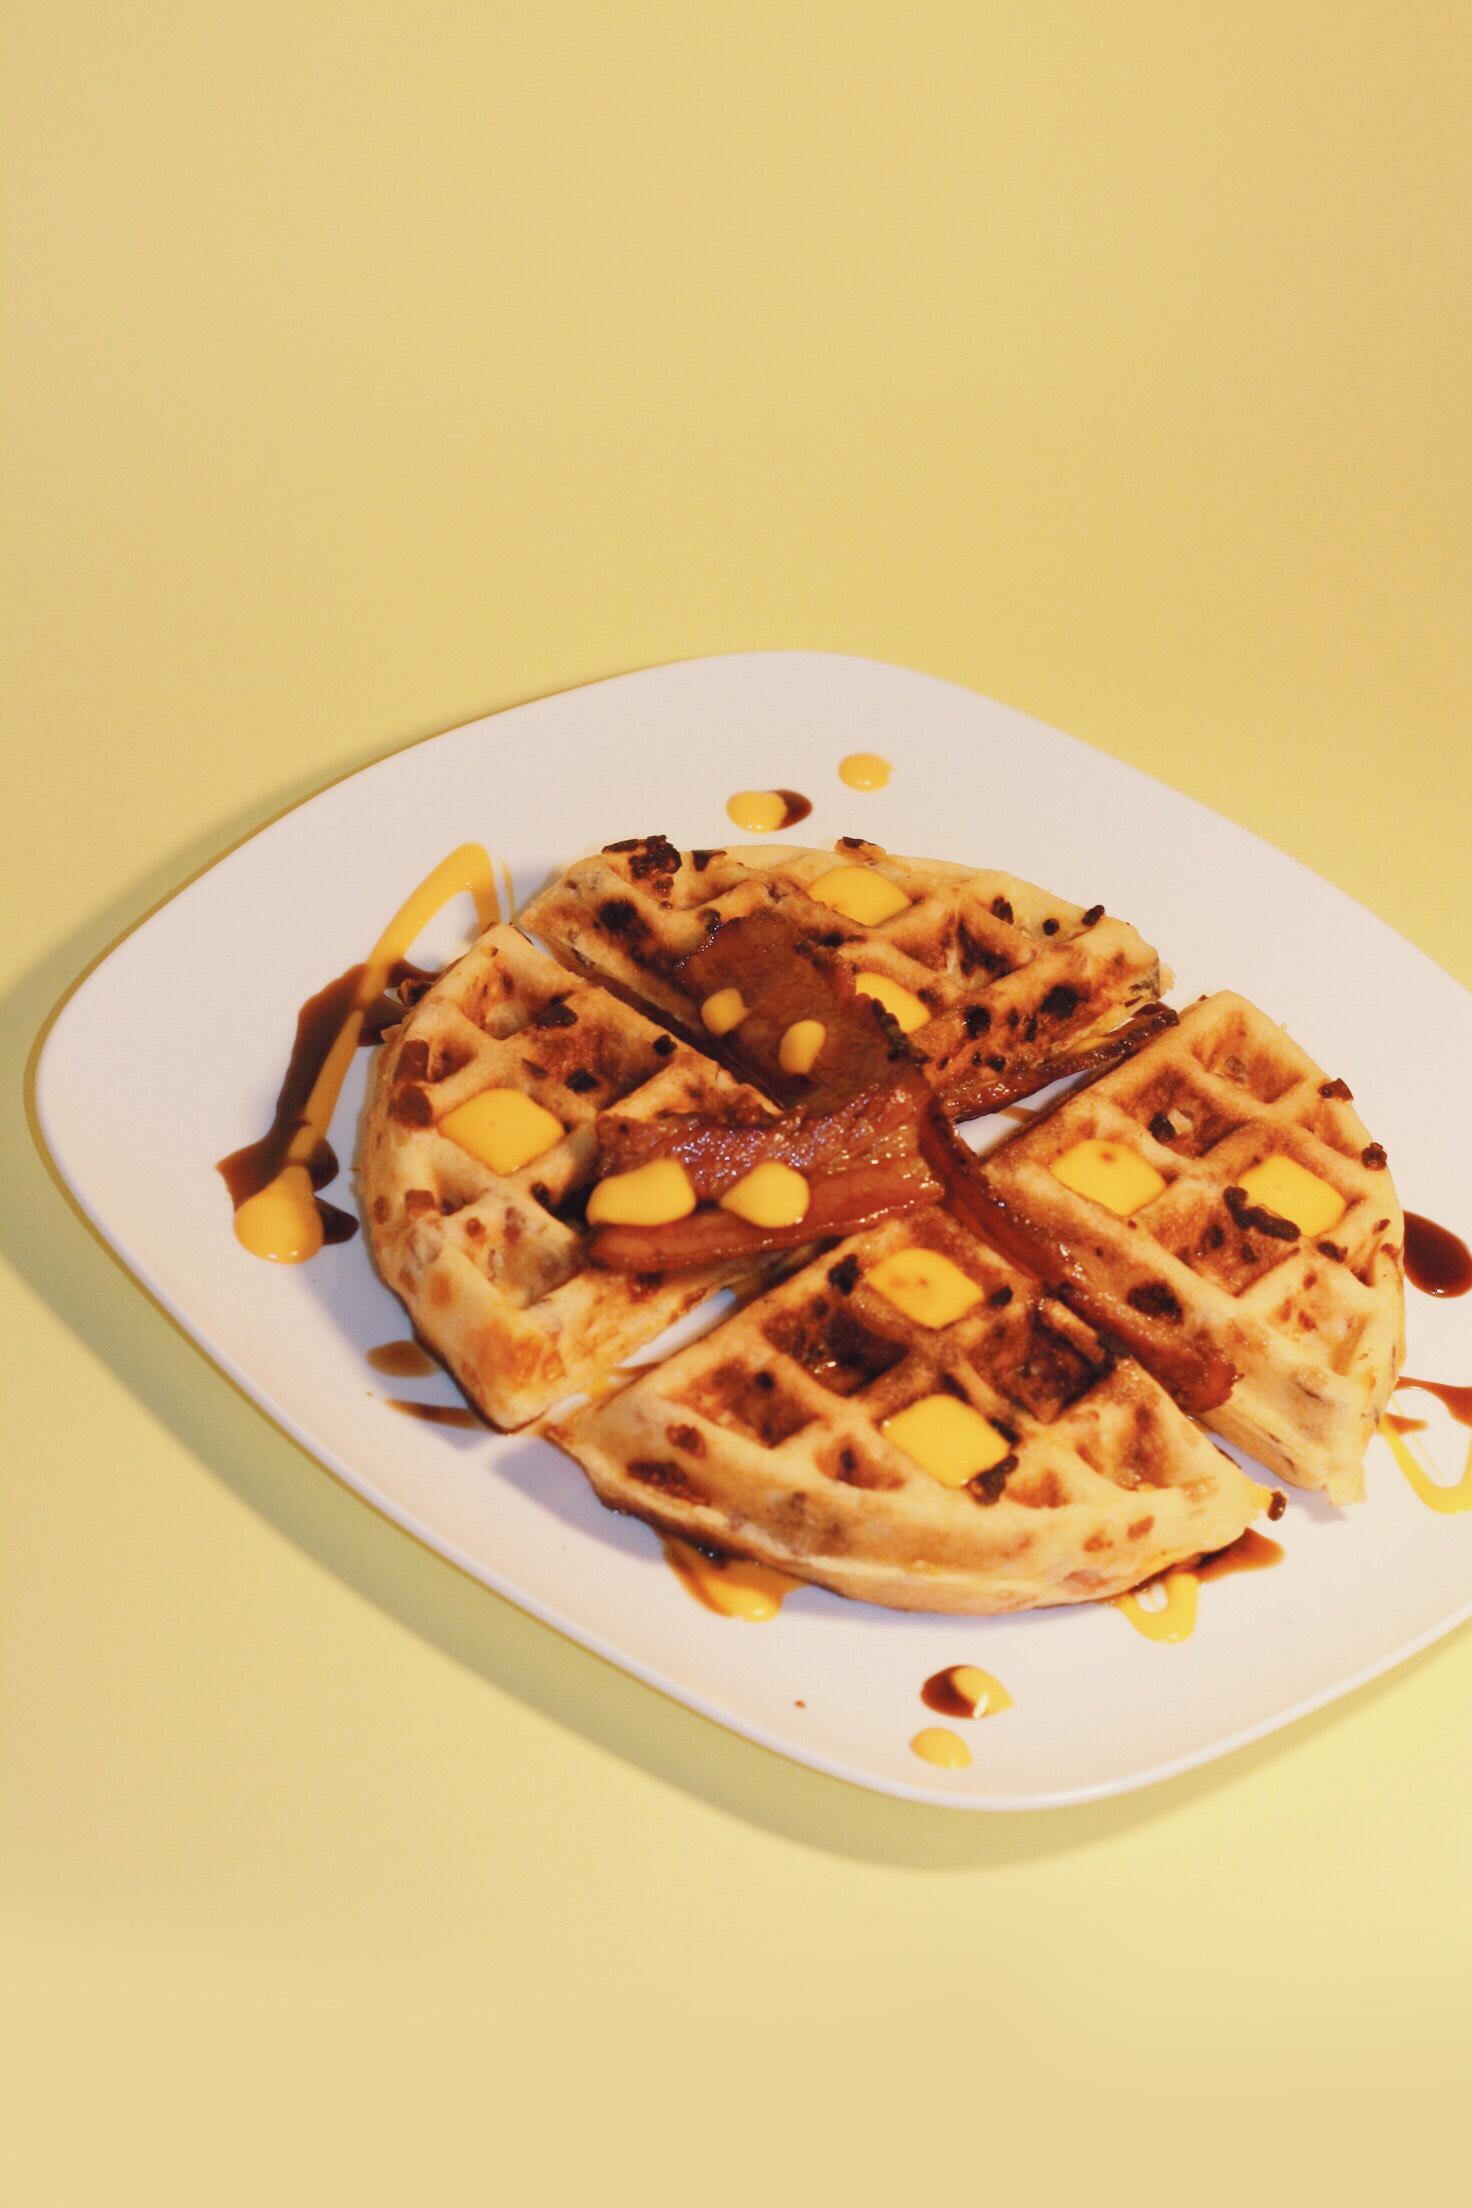 Já provou? Apaixone-se pela Mama Waffle! Waffles Salgados (até 9 sabores) de R$25 por apenas R$19,90